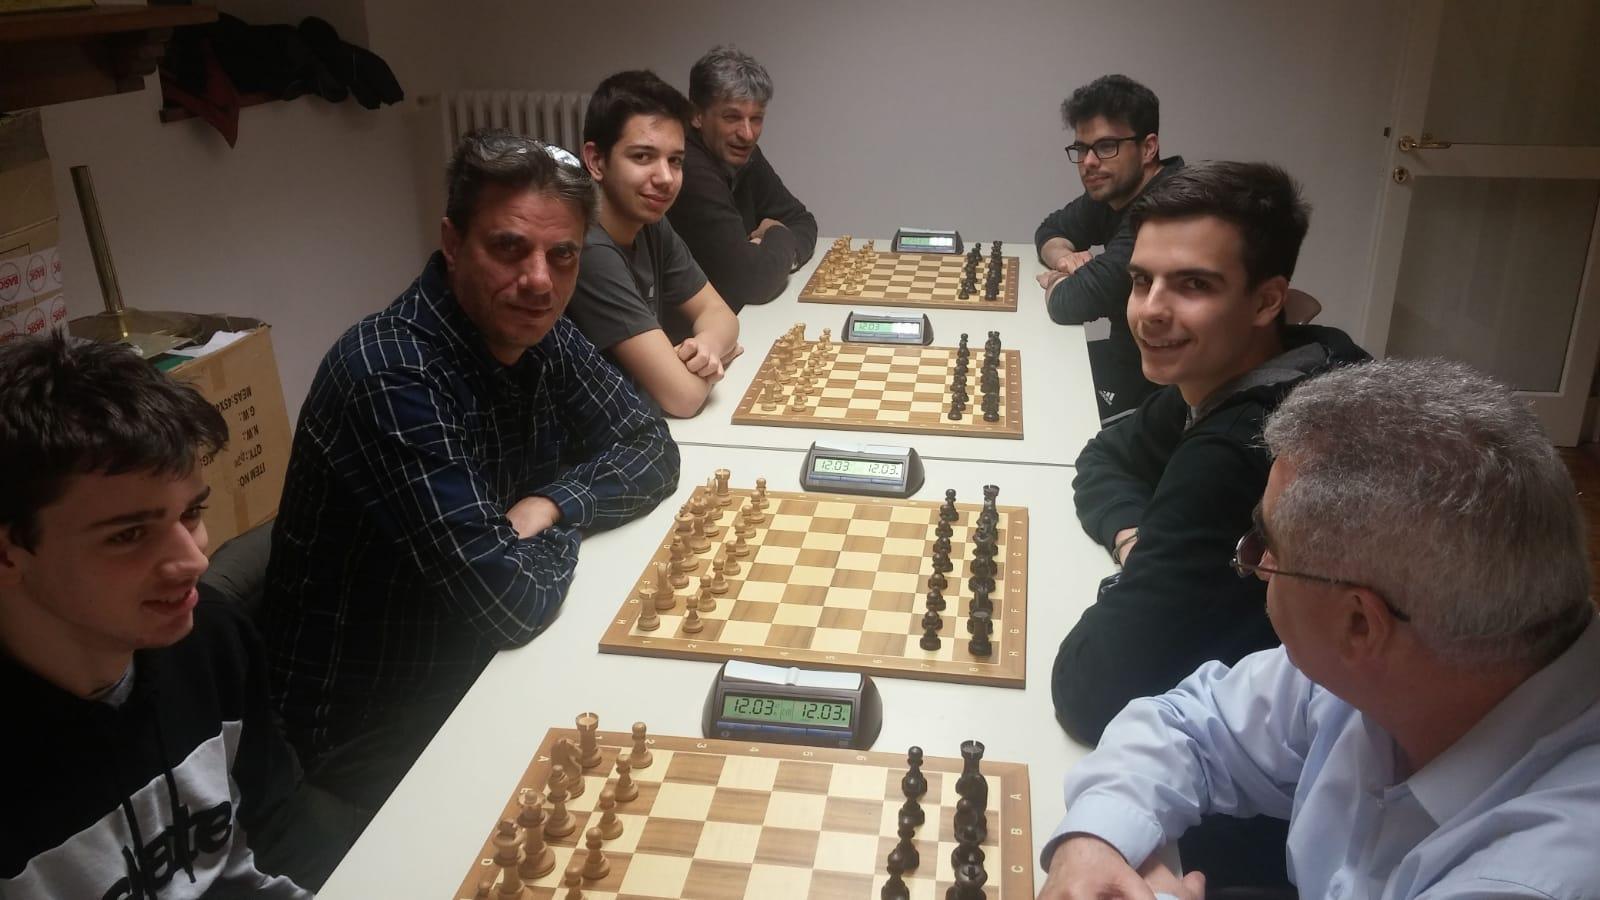 Danilo Volpinari vince il Campionato Sammarinese Rapid 2019